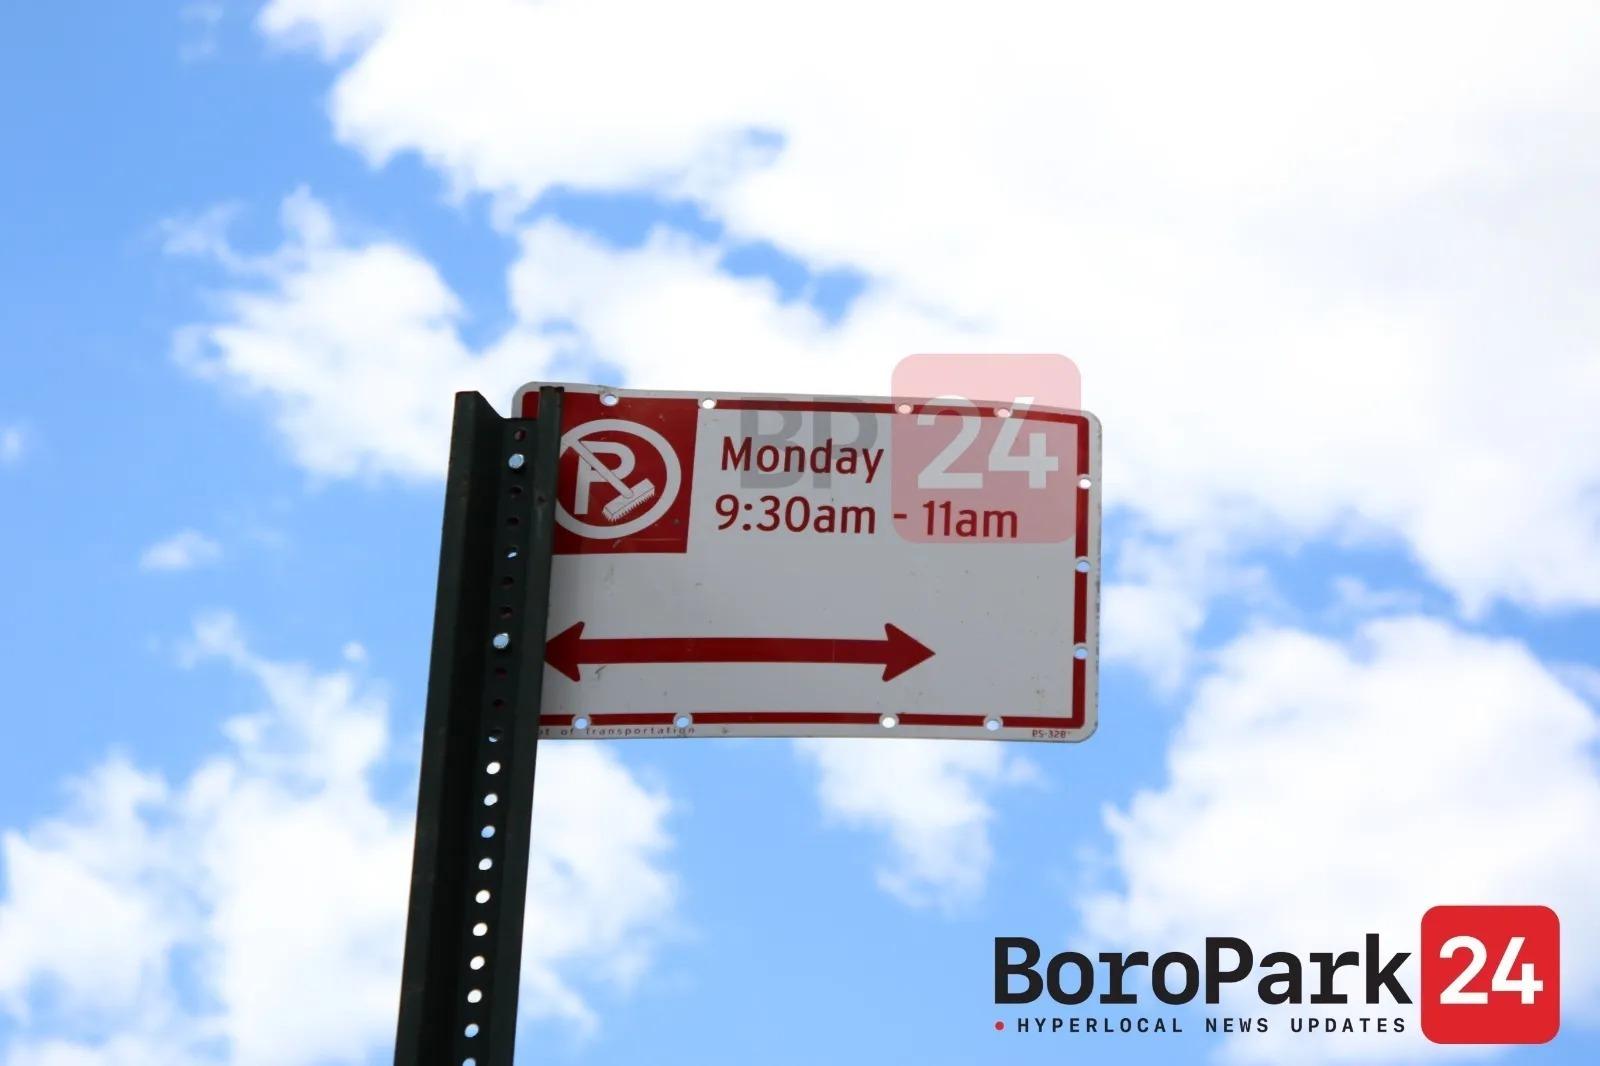 Alternate Side Parking Rules Suspended For Rosh Hashanah on September 19-20